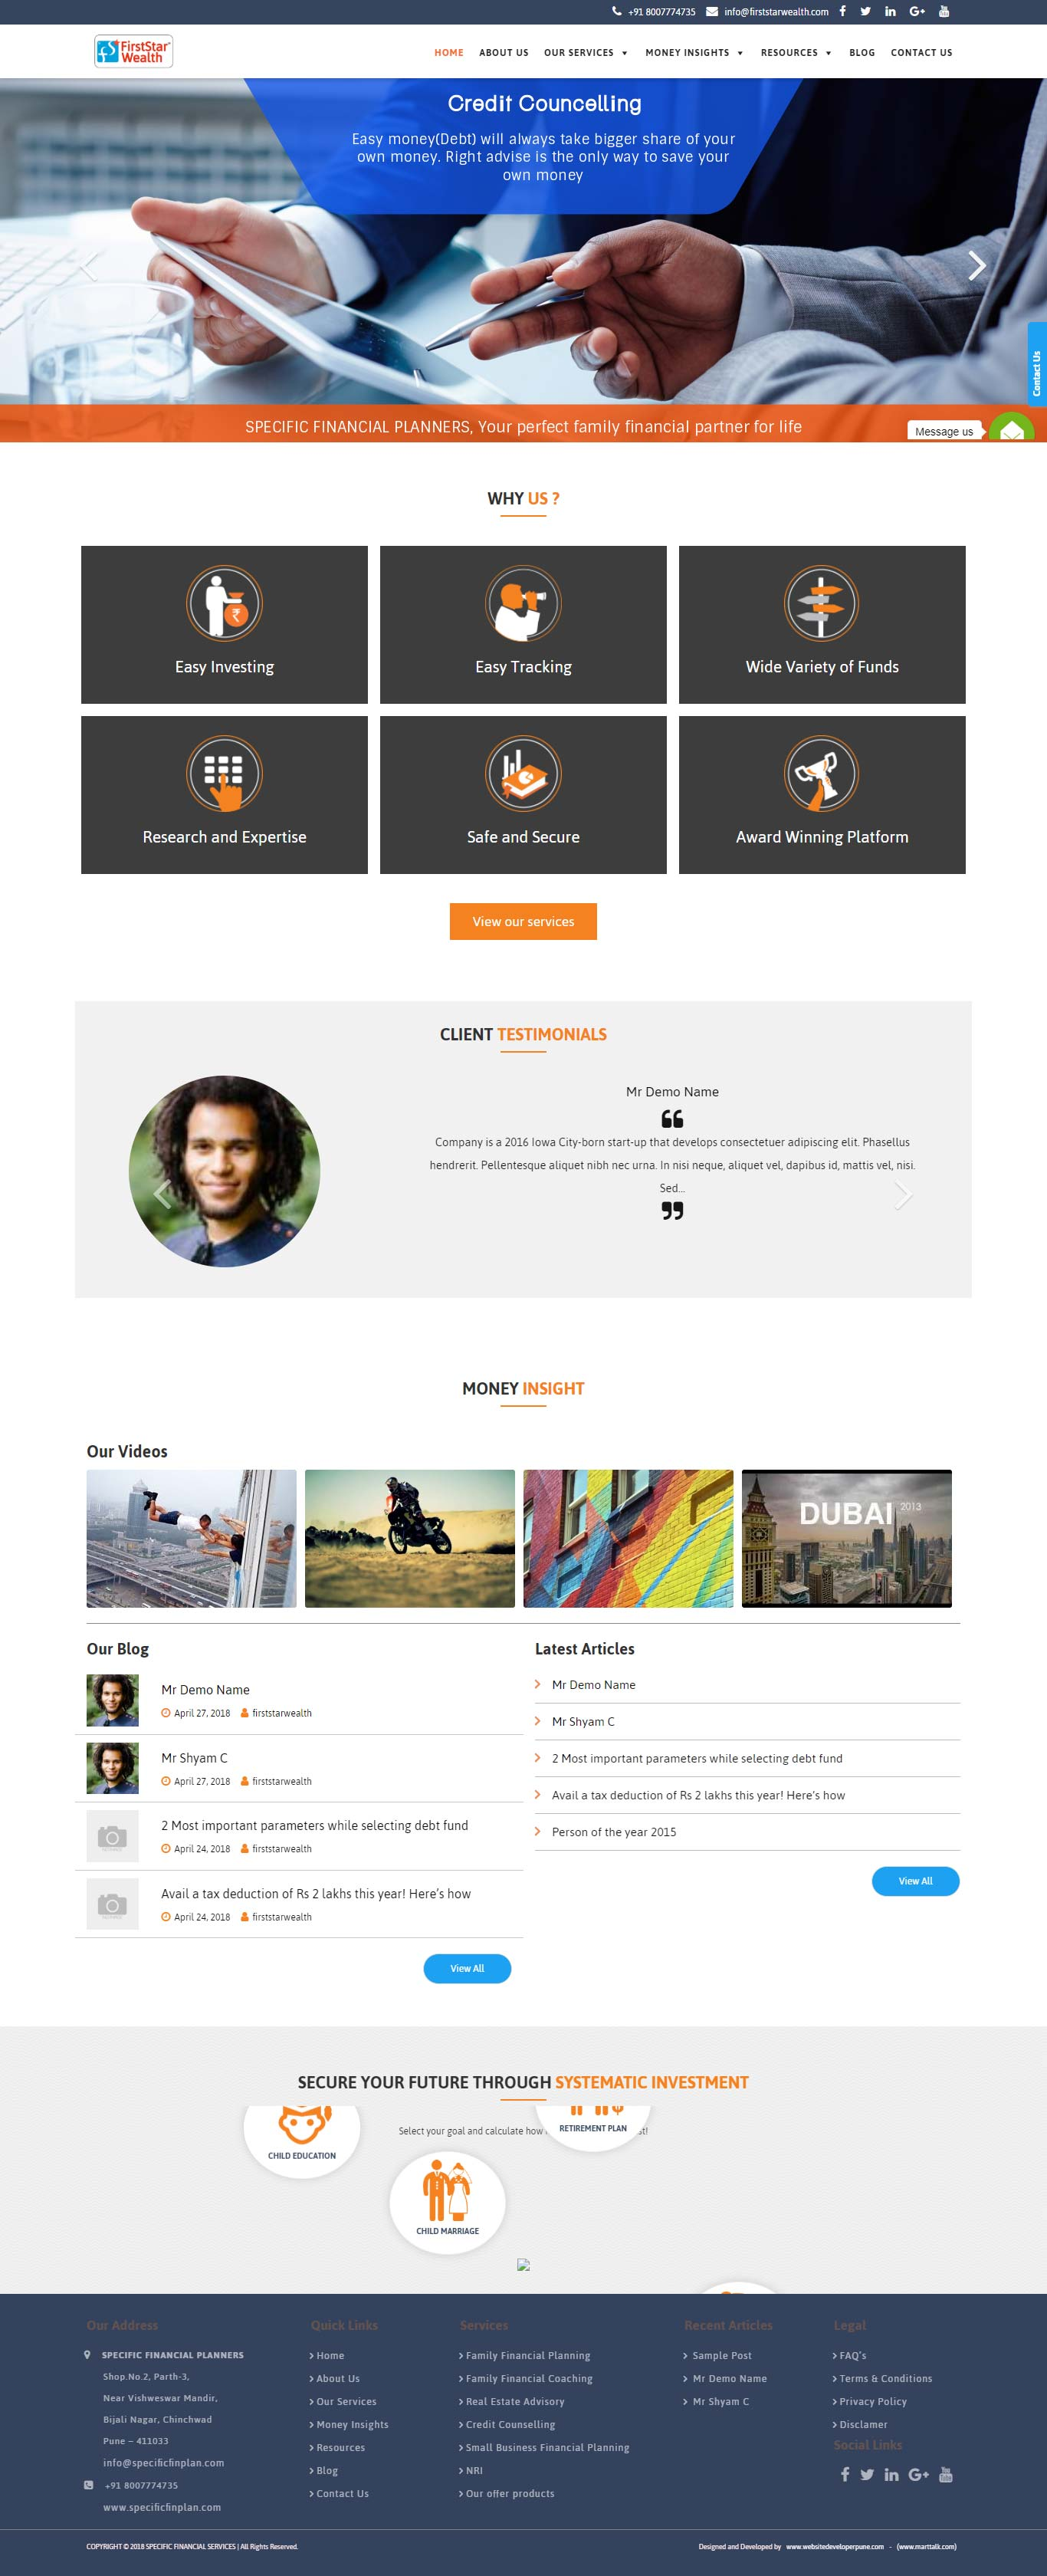 firststarwealth-in-website-developer-pune-portpholio